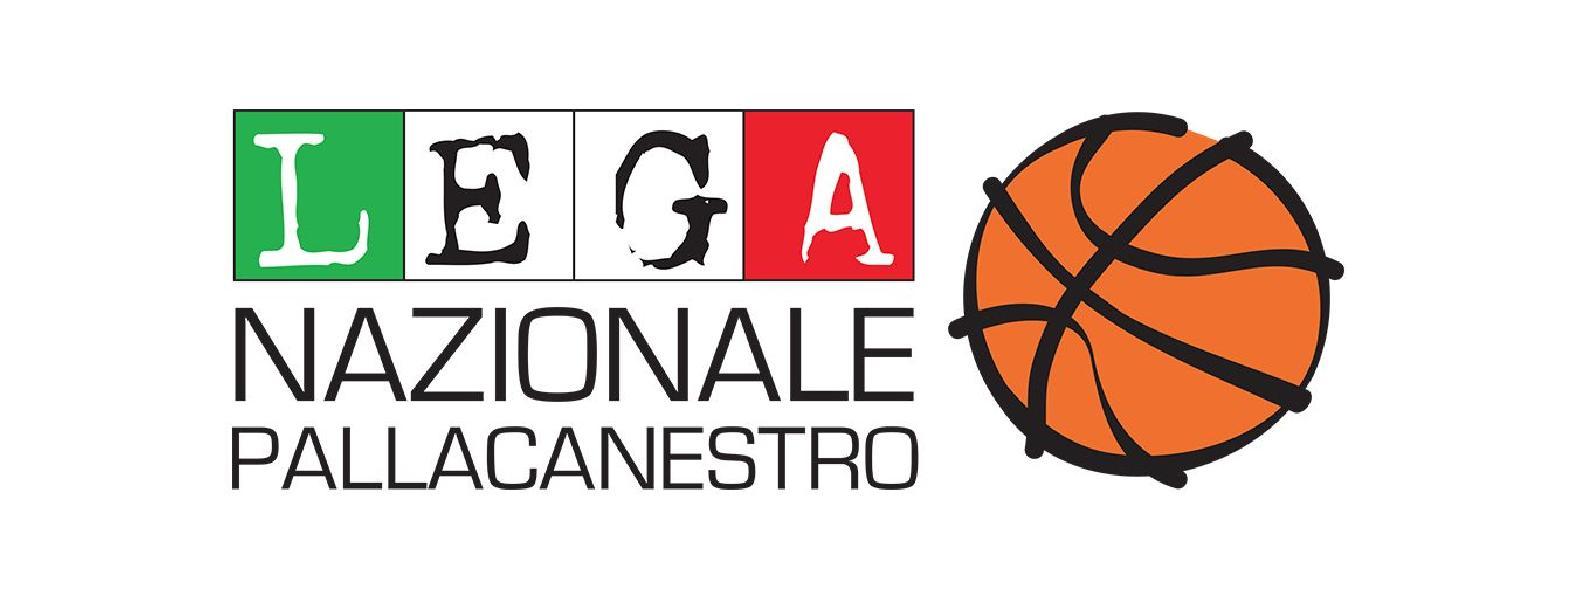 https://www.basketmarche.it/immagini_articoli/30-05-2019/prepariamoci-tanti-derby-saranno-marchigiane-prossima-stagione-serie-600.jpg